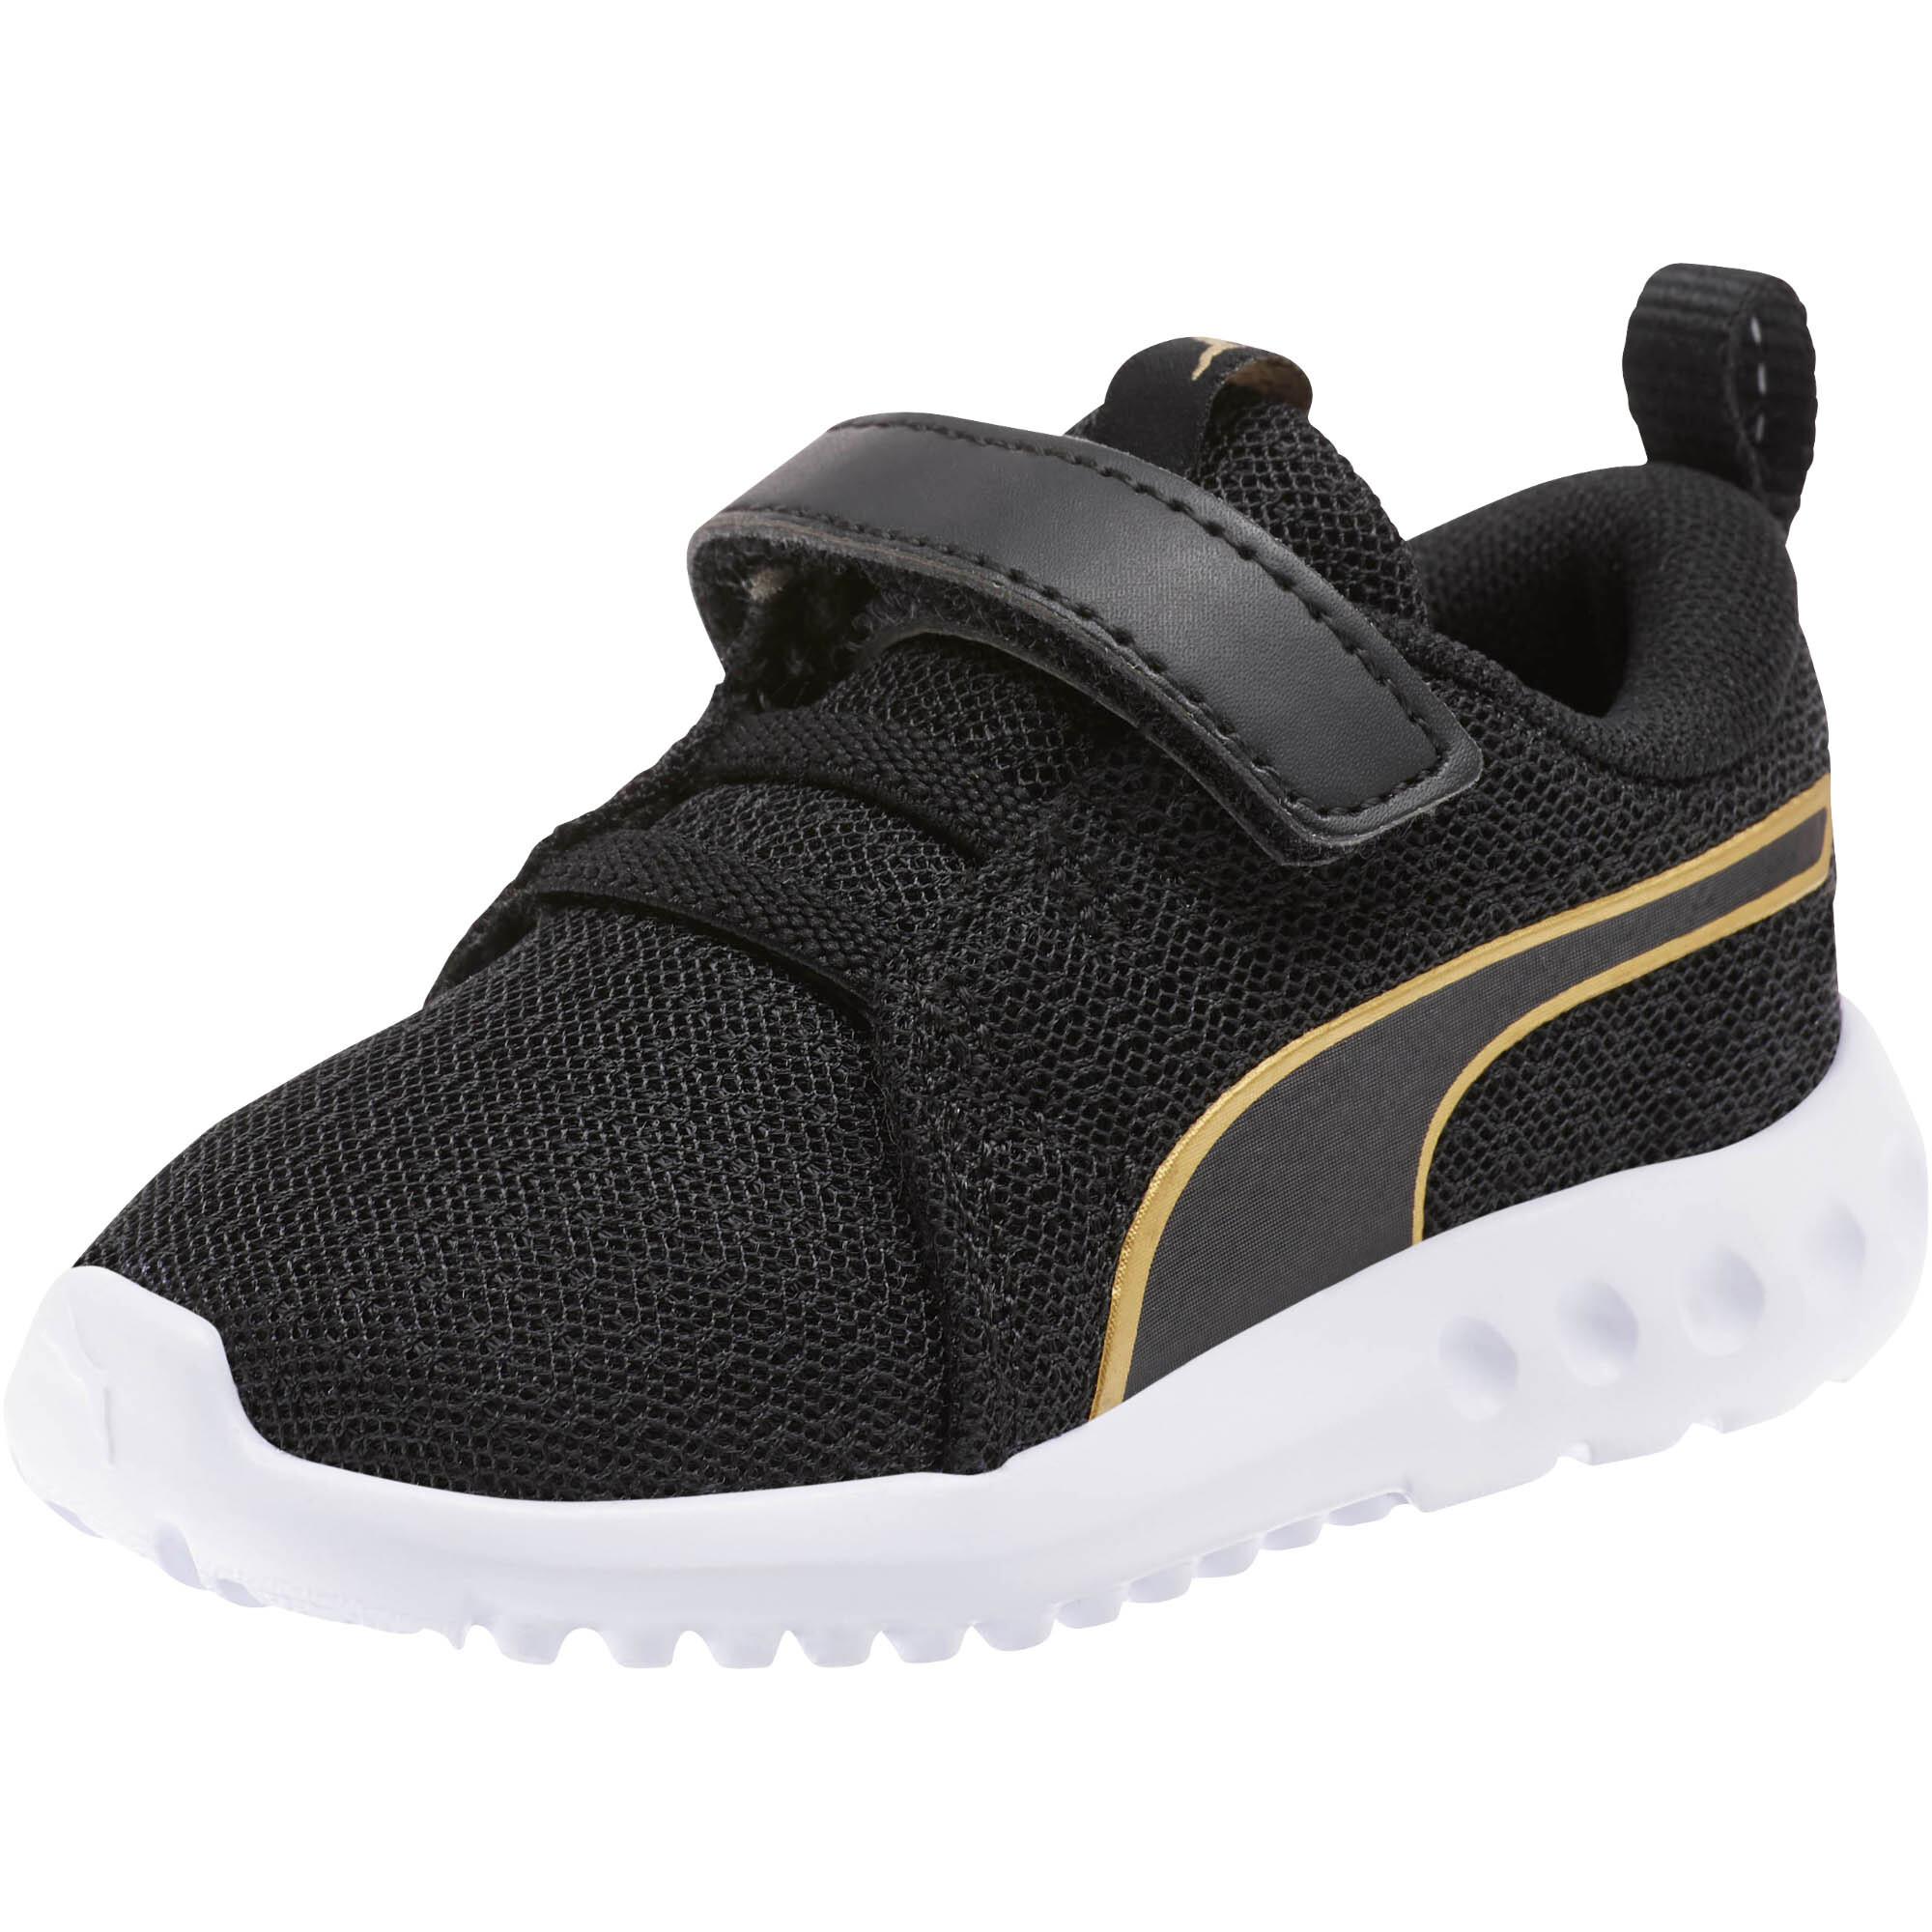 PUMA-Carson-2-Metallic-Mesh-Toddler-Shoes-Girls-Shoe-Kids thumbnail 4